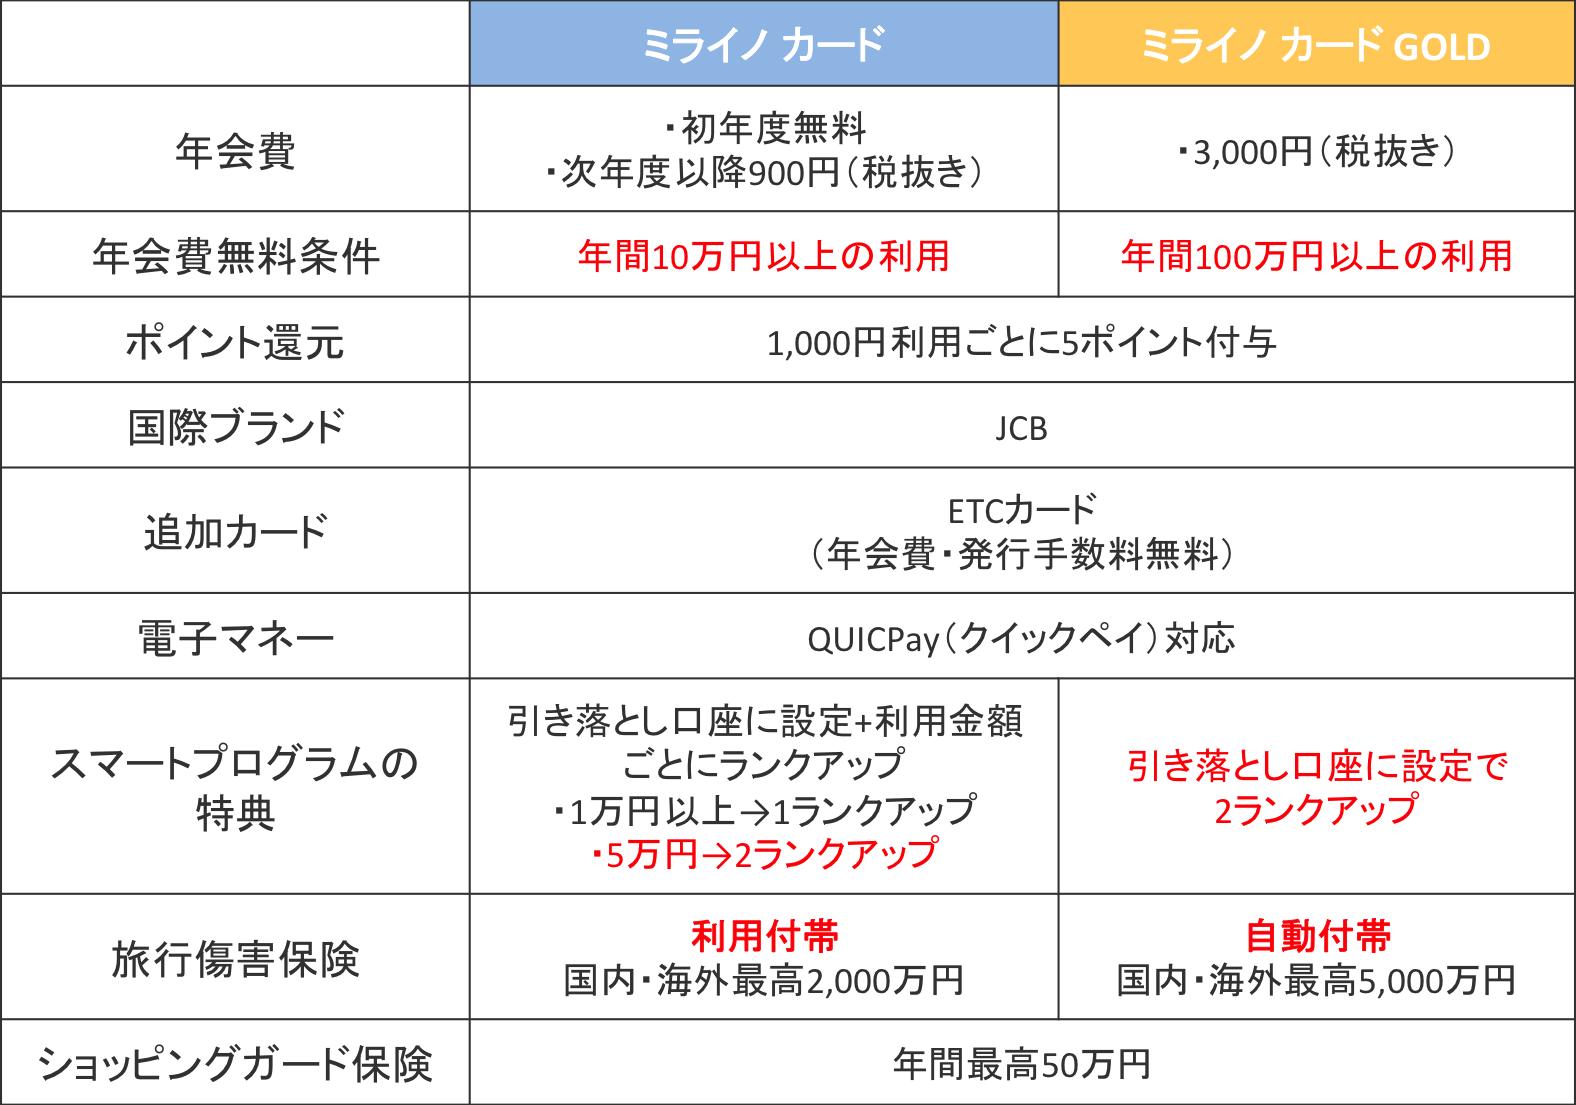 ミライノ カードとミライノ カード GOLDの基本情報